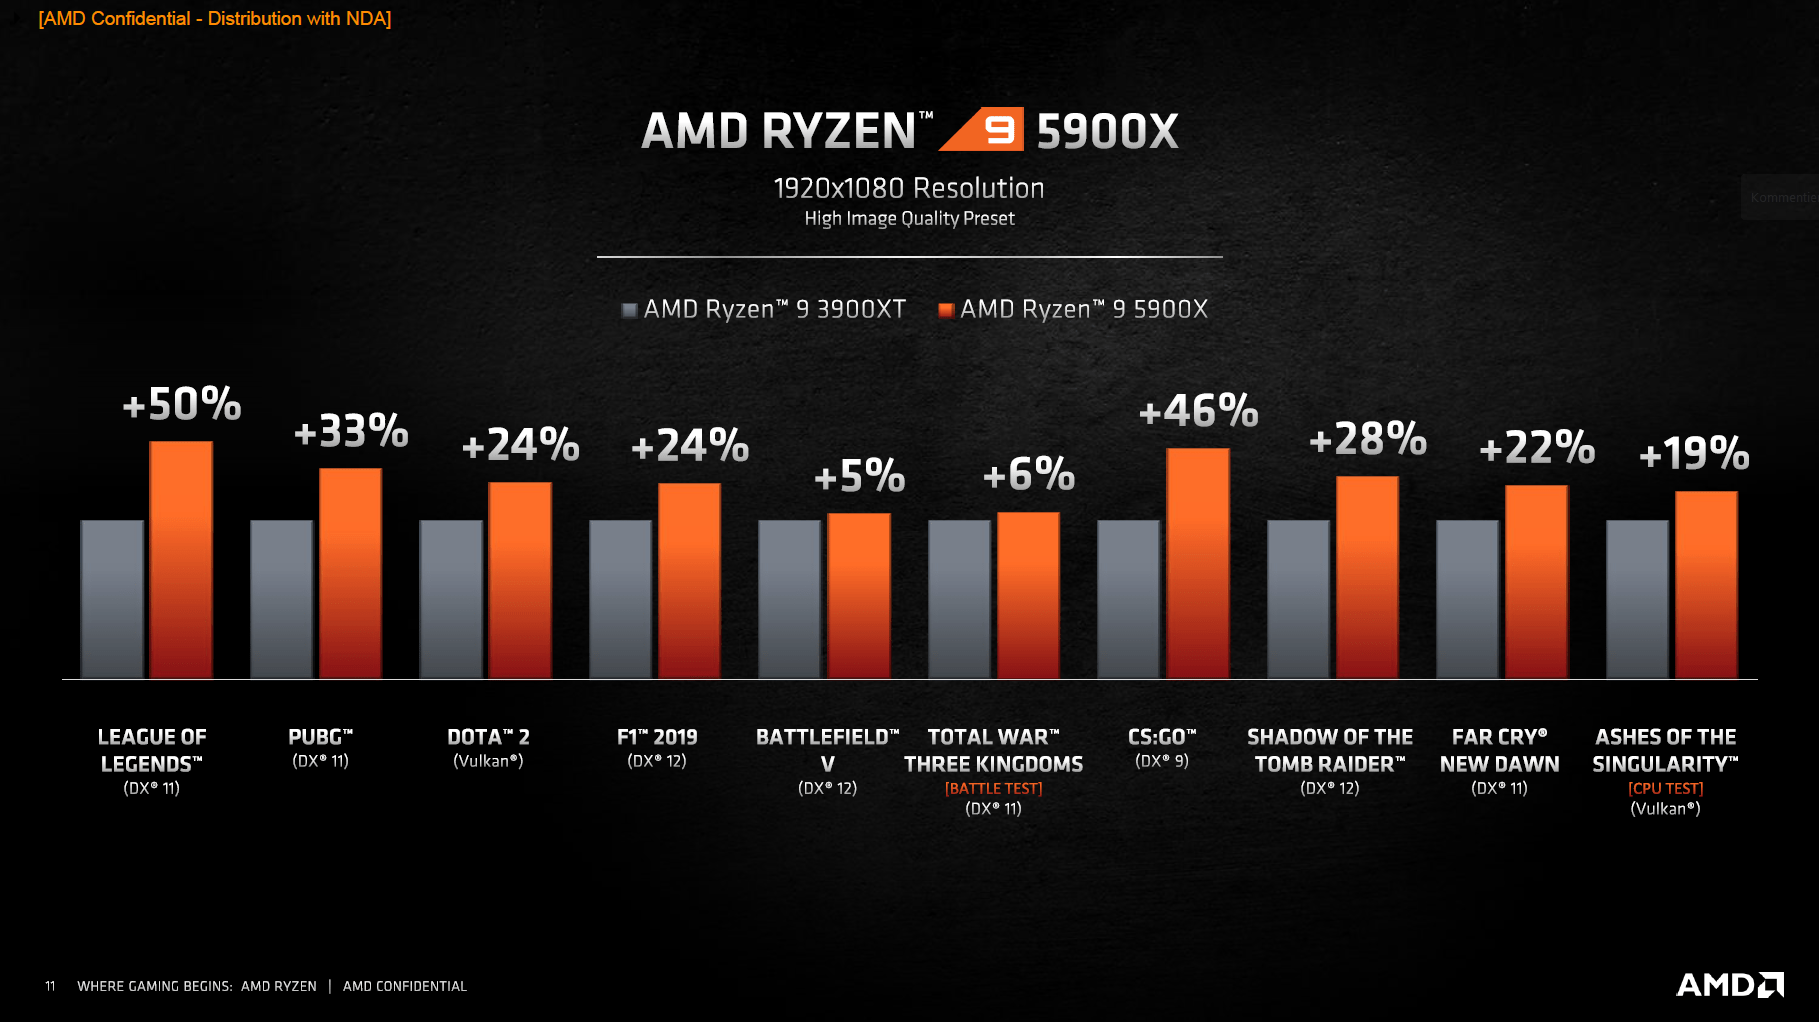 Vermeer: AMDs Ryzen 5000 sollen Intel überall schlagen - 5900X gegen 3900X (Bild: AMD)